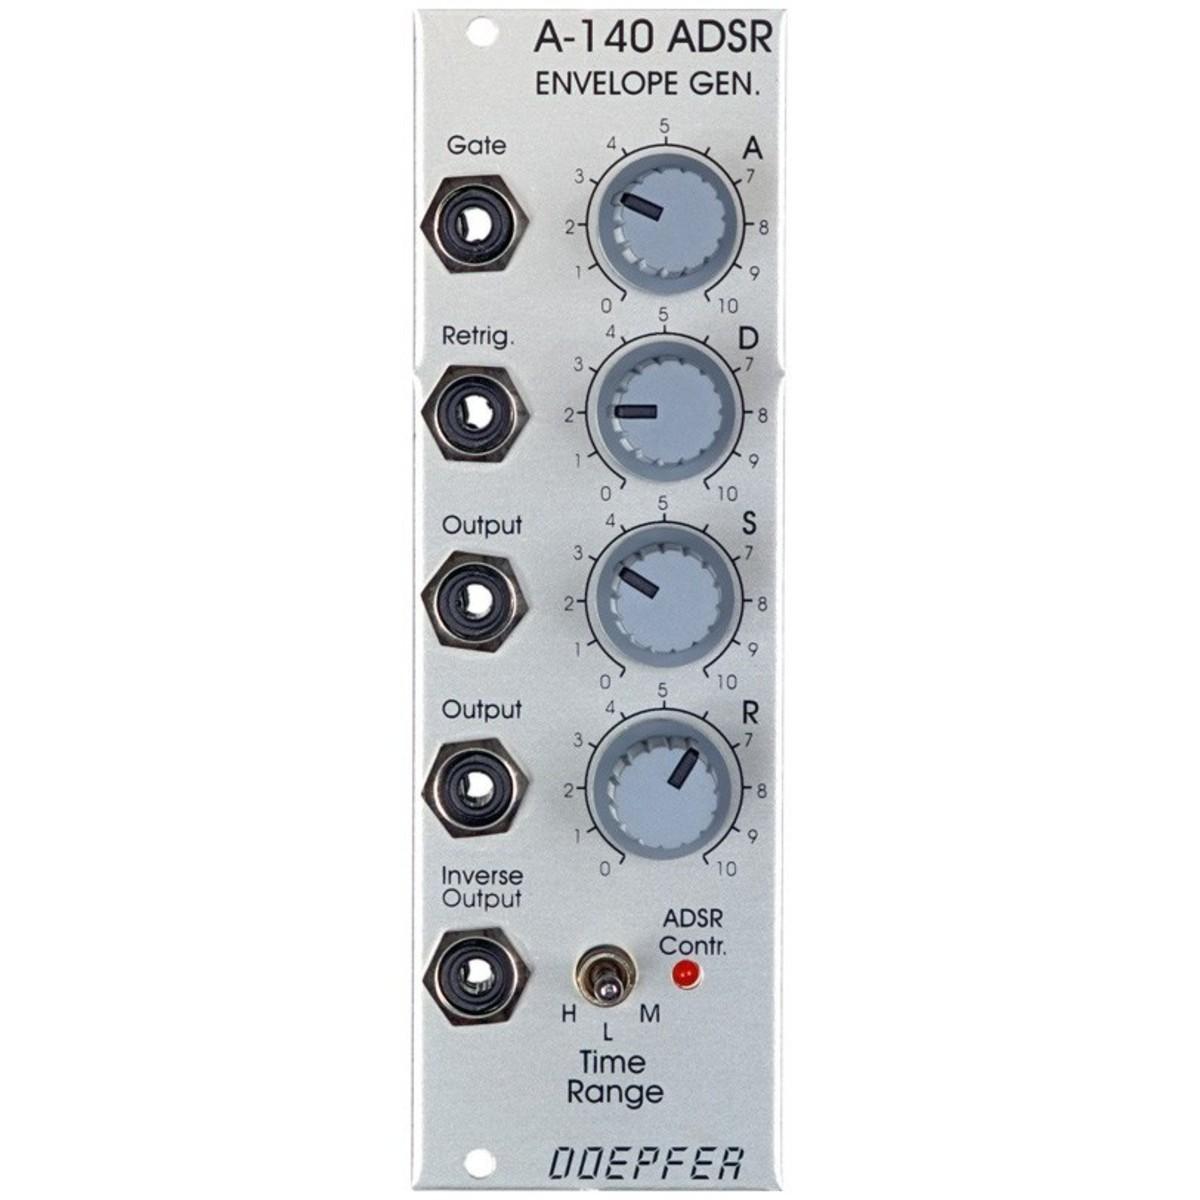 Doepfer A-140 ADSR Envelope Generator (8HP)